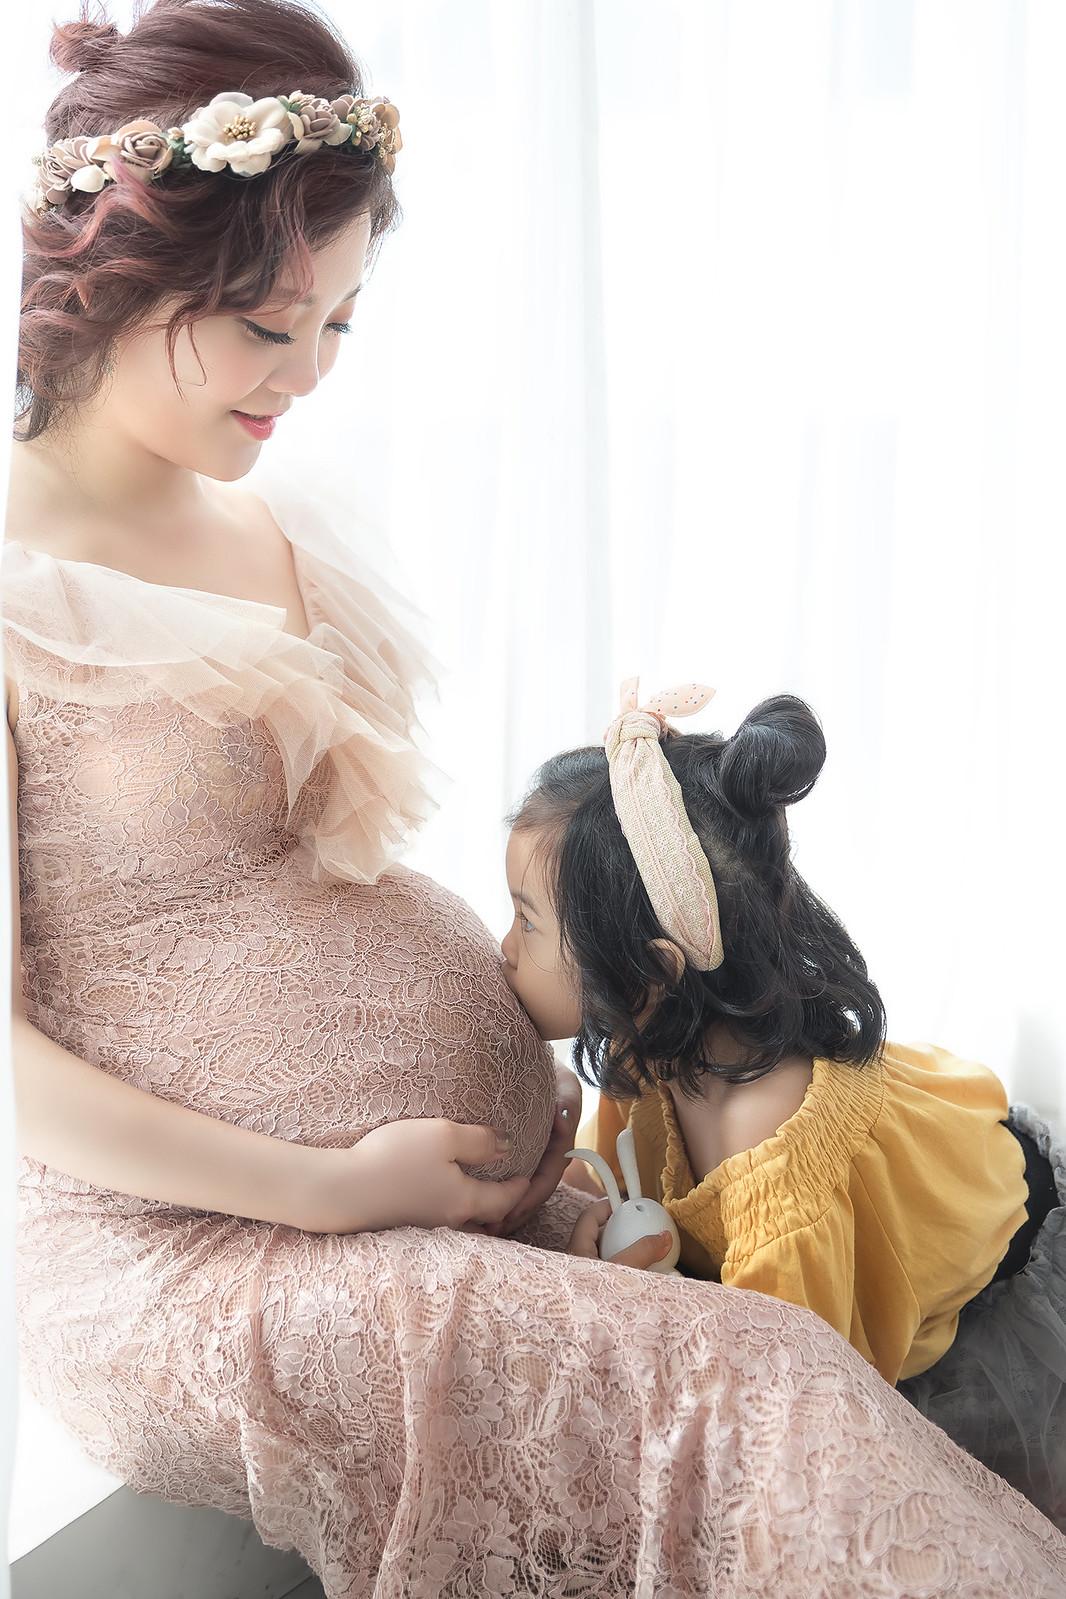 181106-0064-孕婦寫真-藕色禮服-好拍市集-逆光-窗光